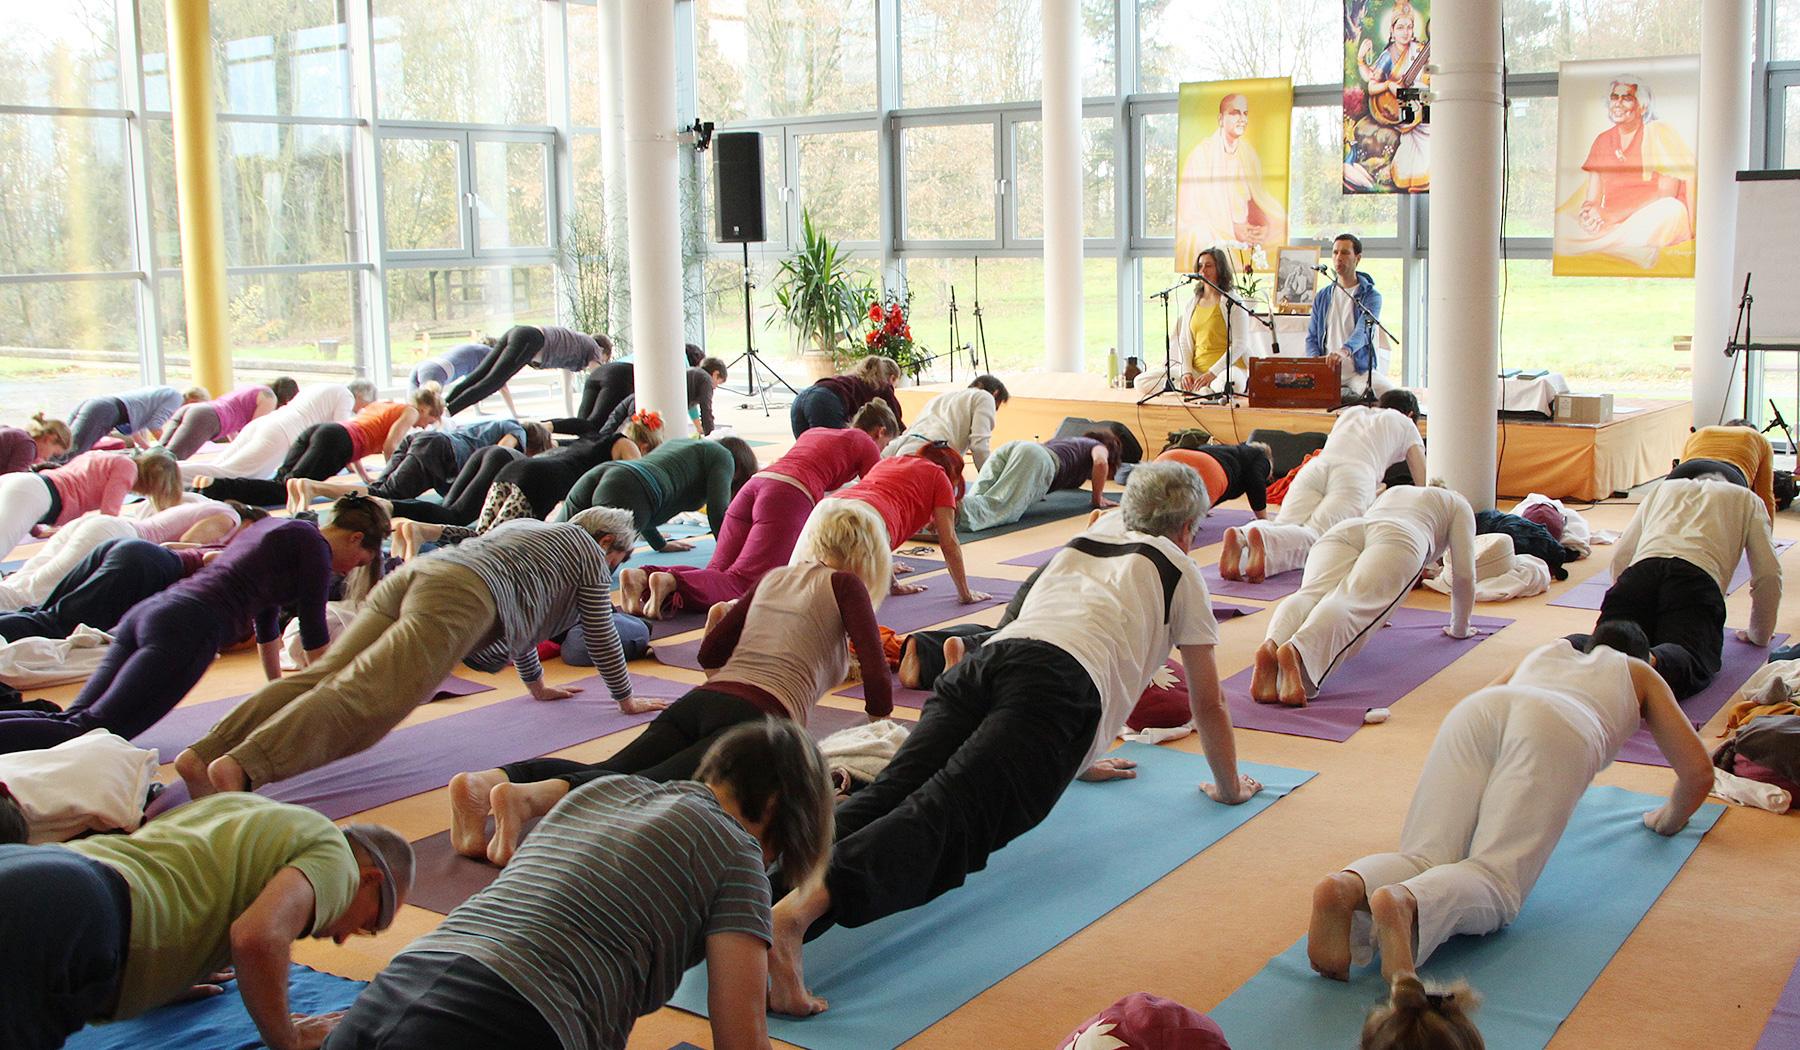 Yoga Vidya In 4 Wochen 2 Oder 3 Jahren Yogalehrer In Werden